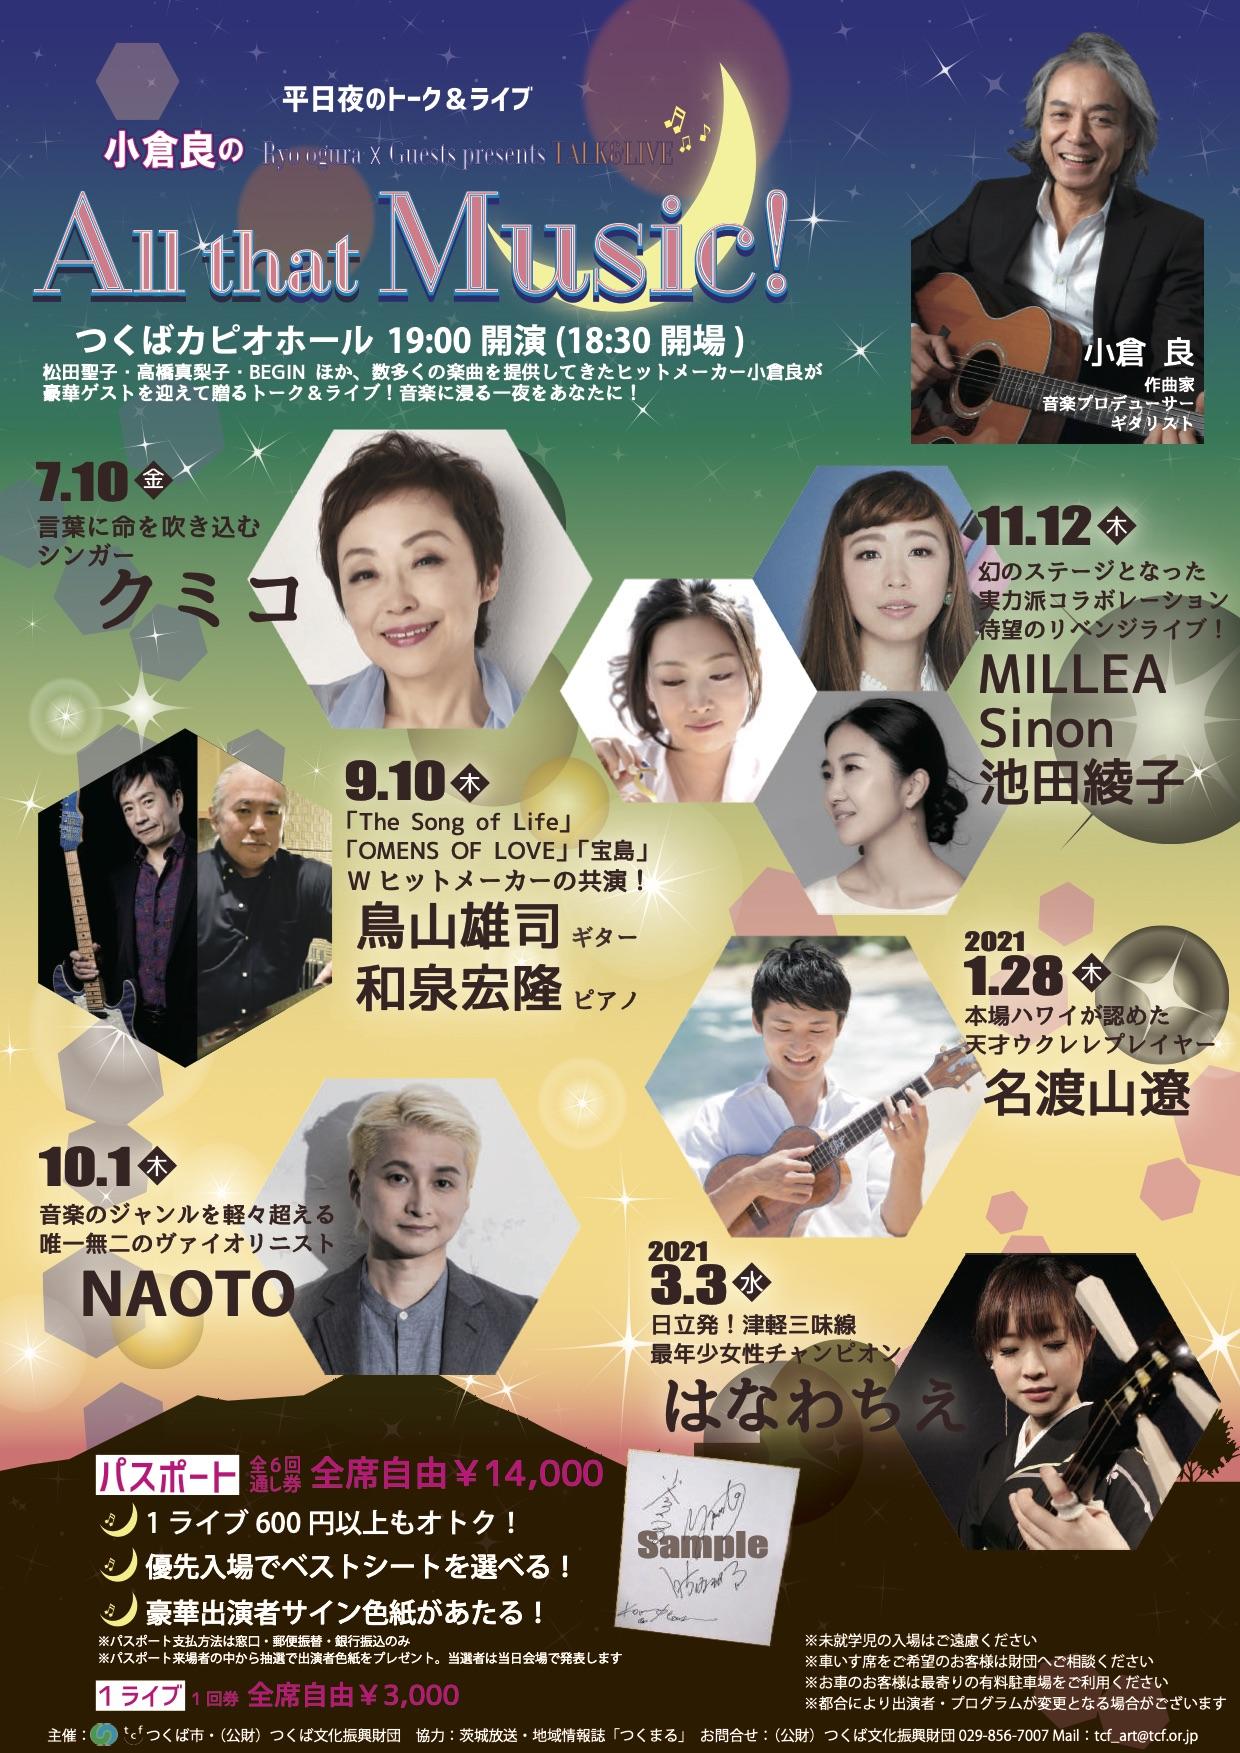 小倉良のAll that Music!に名渡山遼が出演します。